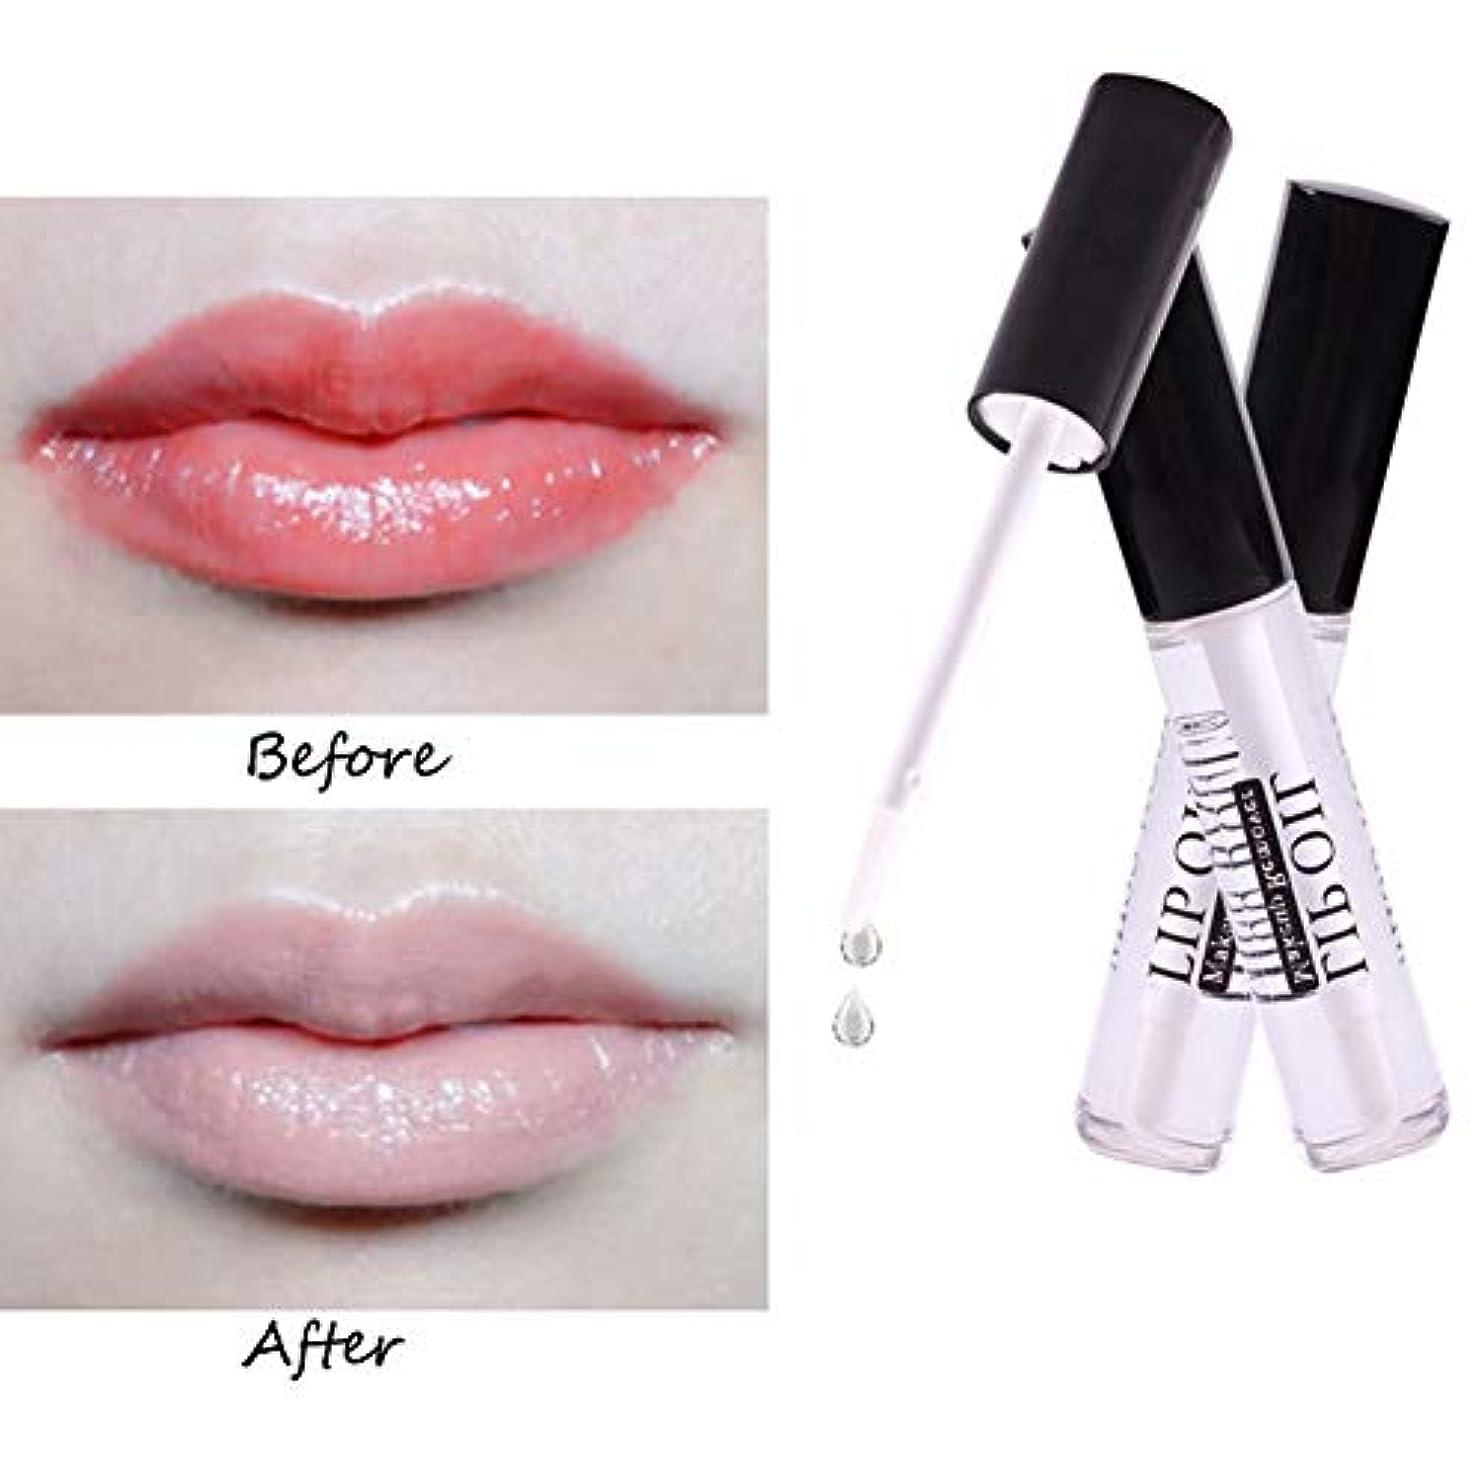 初期恥ずかしさマルコポーロACHICOO クレンジングオイル リップグロス·リップスティック·口紅専用 唇 保湿 健康 プロ化粧